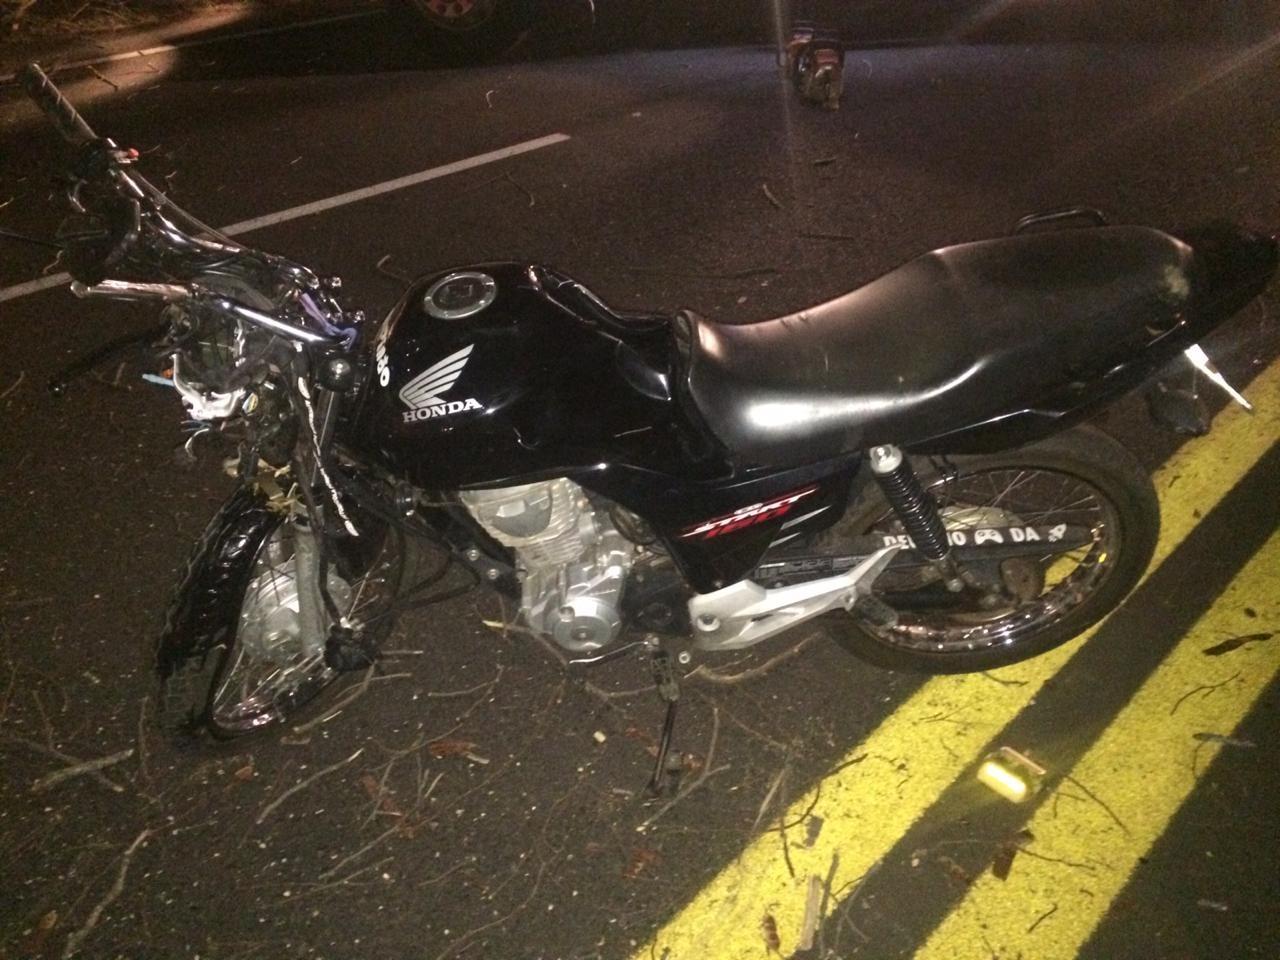 Homem morre após moto colidir com árvore caída em rodovia - Notícias - Plantão Diário